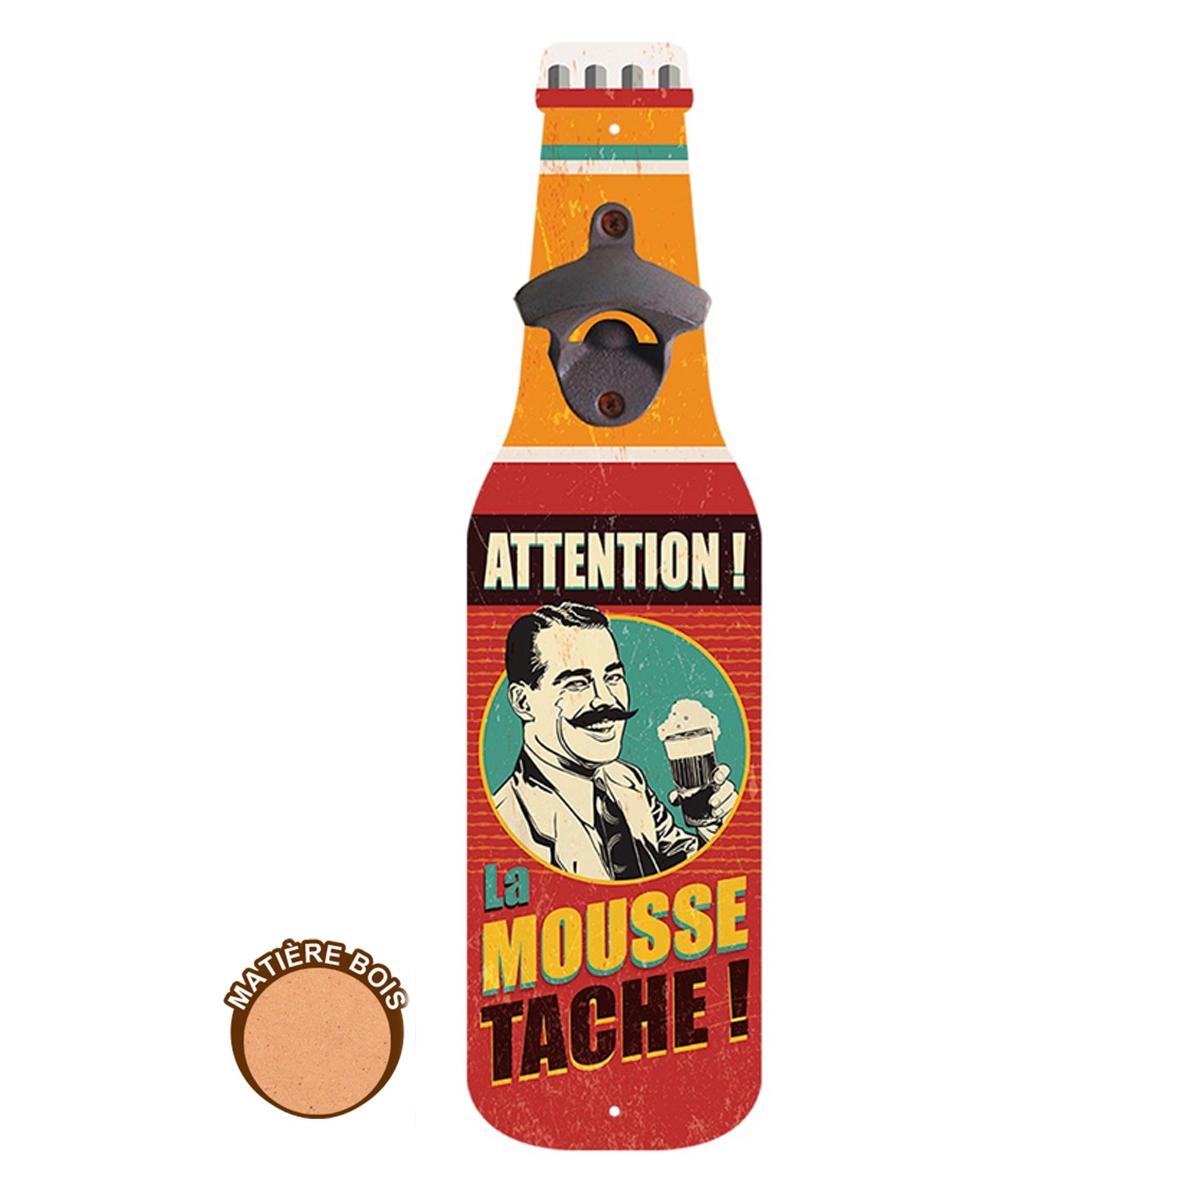 Décapsuleur mural bois \'Bouteille\' (Attention la Mouss tache !) - 40x105x4 cm - [A0841]